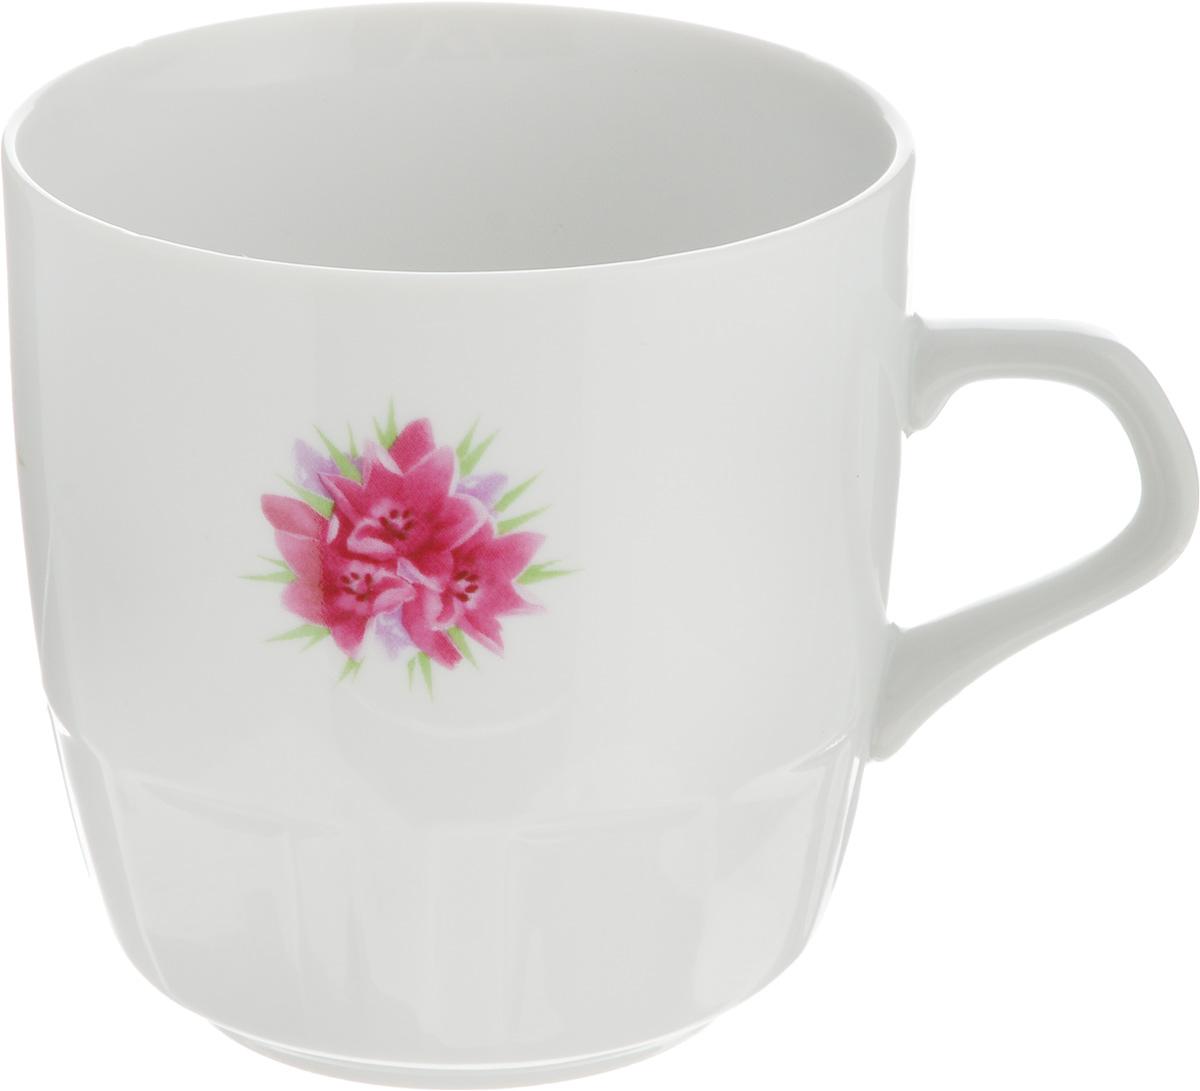 Кружка Фарфор Вербилок Крокус, 250 мл кружка фарфор вербилок розовая лилия 200 мл